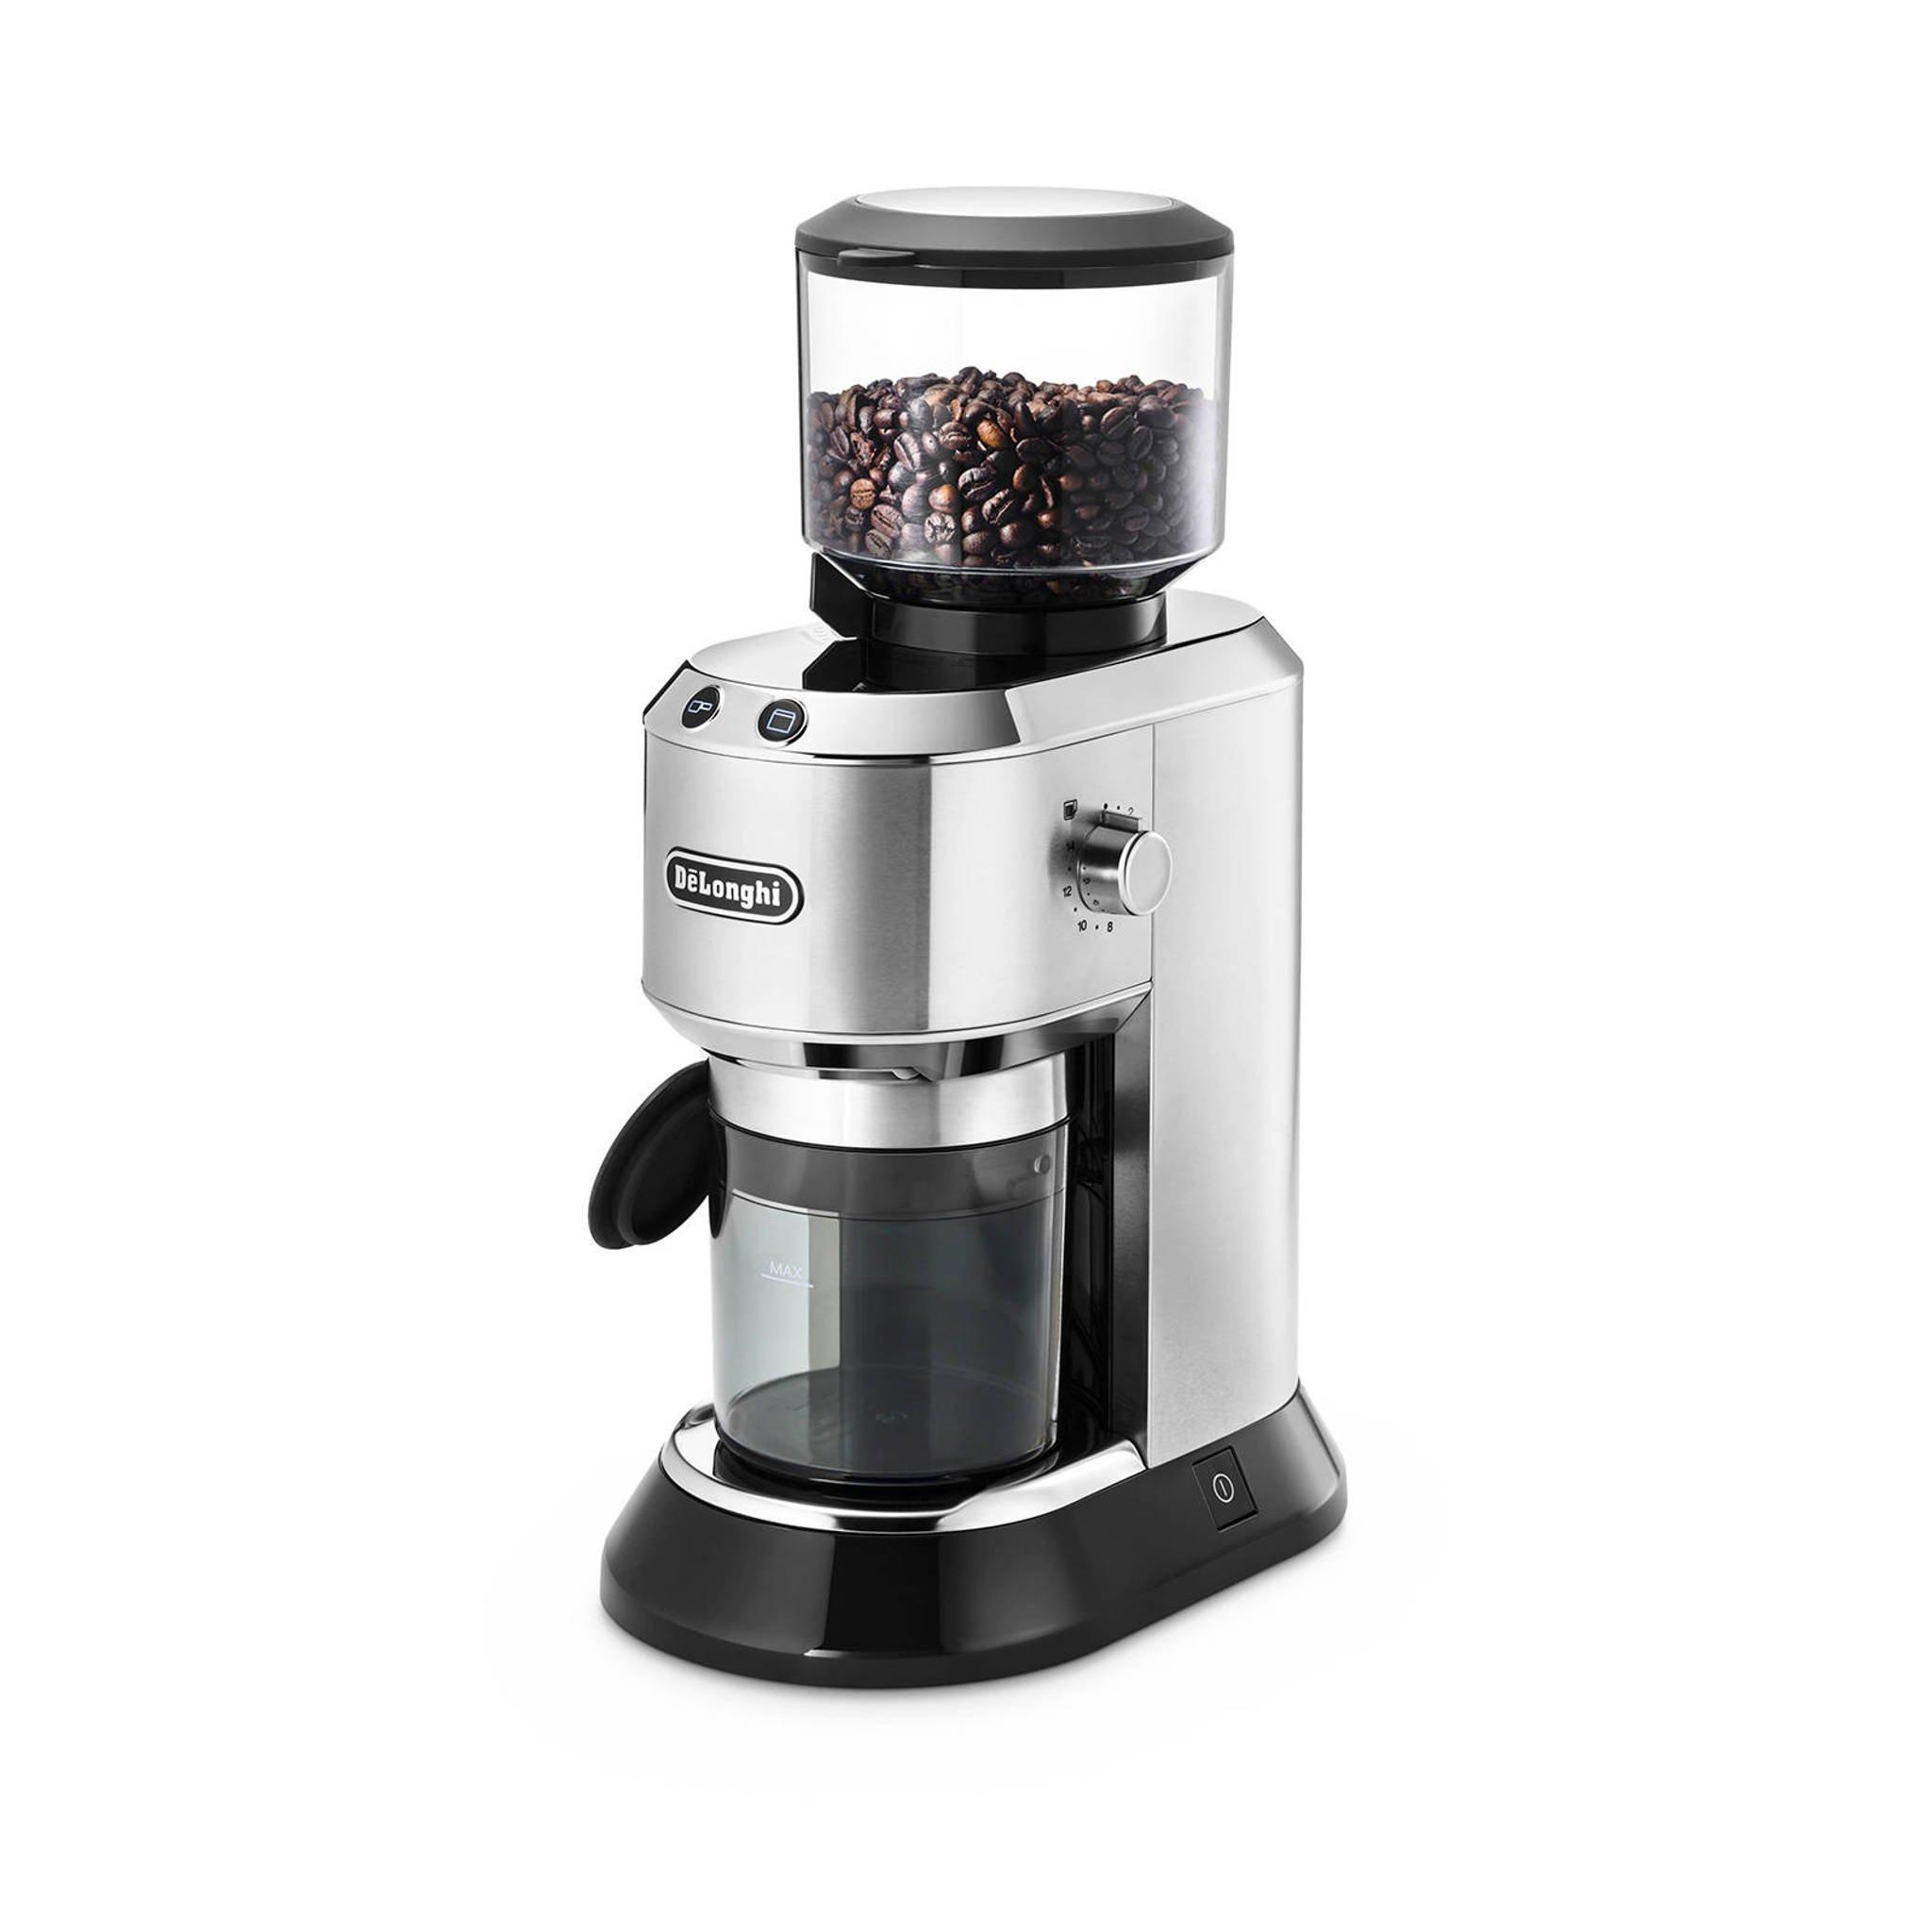 De'Longhi Dedica KG520.M koffiemolen voor €70 @ Wehkamp